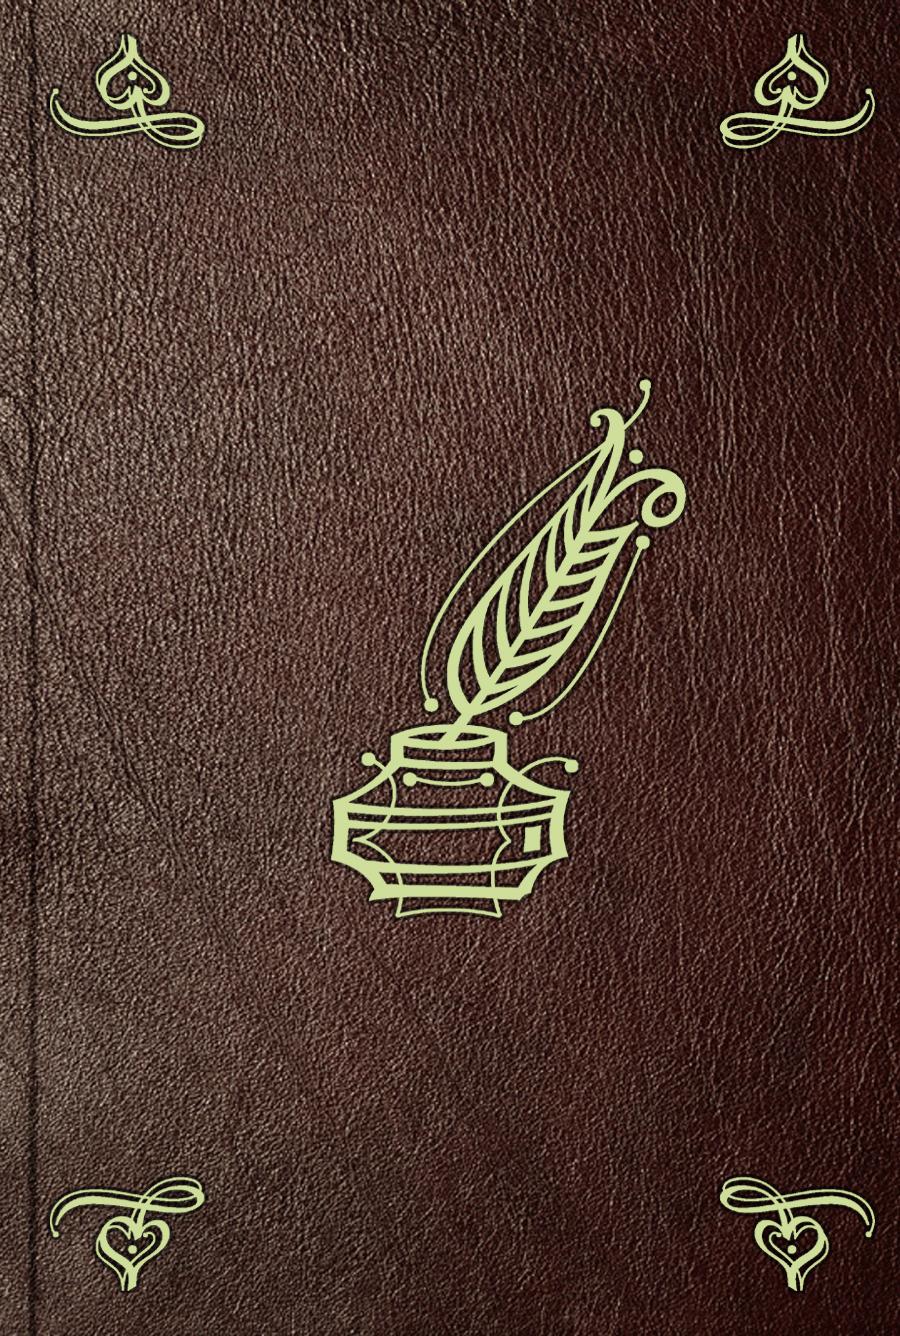 Отсутствует Новое и полное собрание российских песен. Часть 4 edith piaf 200 легендарных песен часть 1 компакт диск mp3 rmg